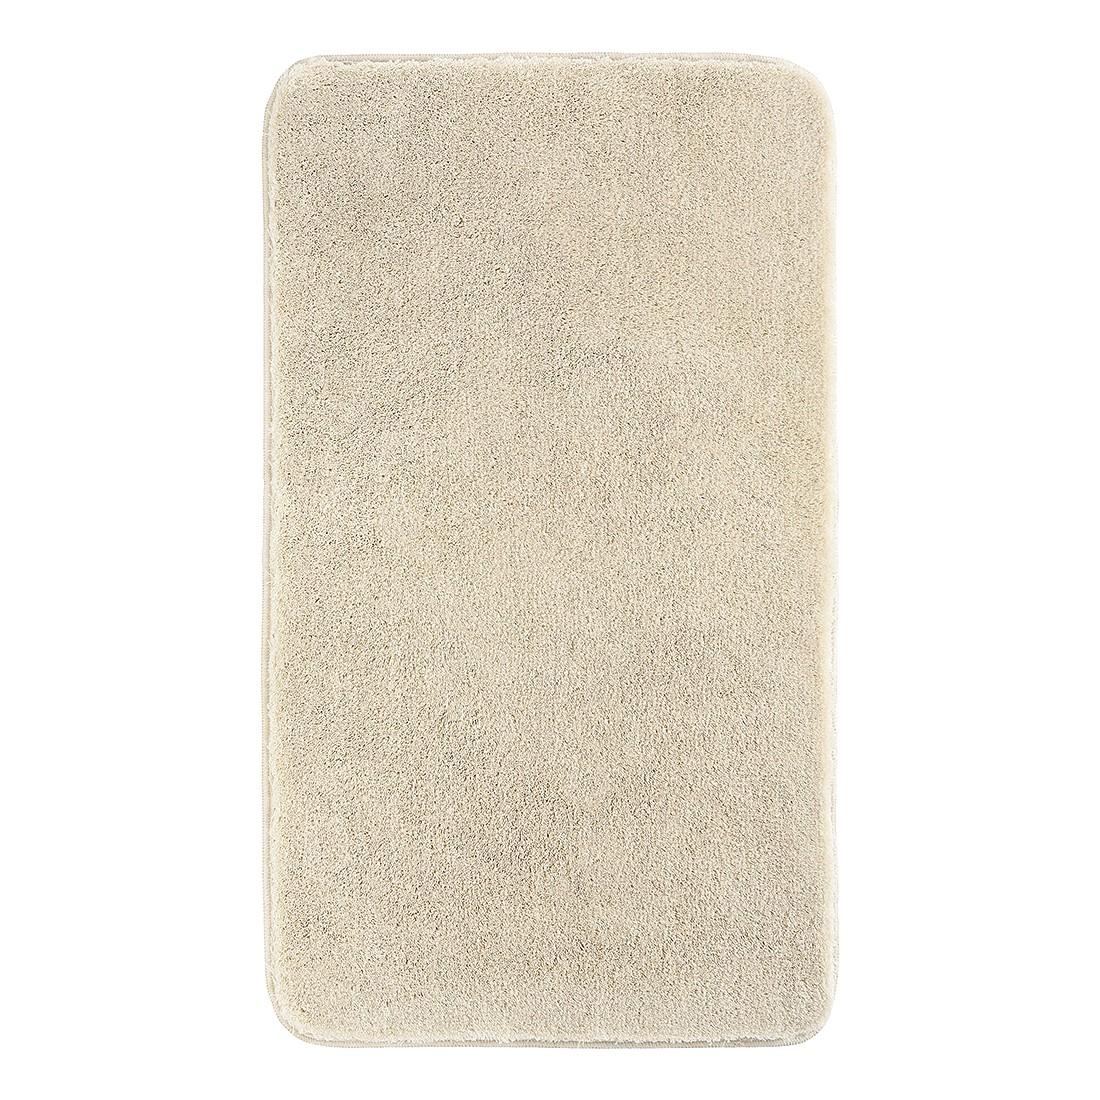 Badteppich Comfort – Sand – Größe: 80 x 50 cm, Grund online bestellen